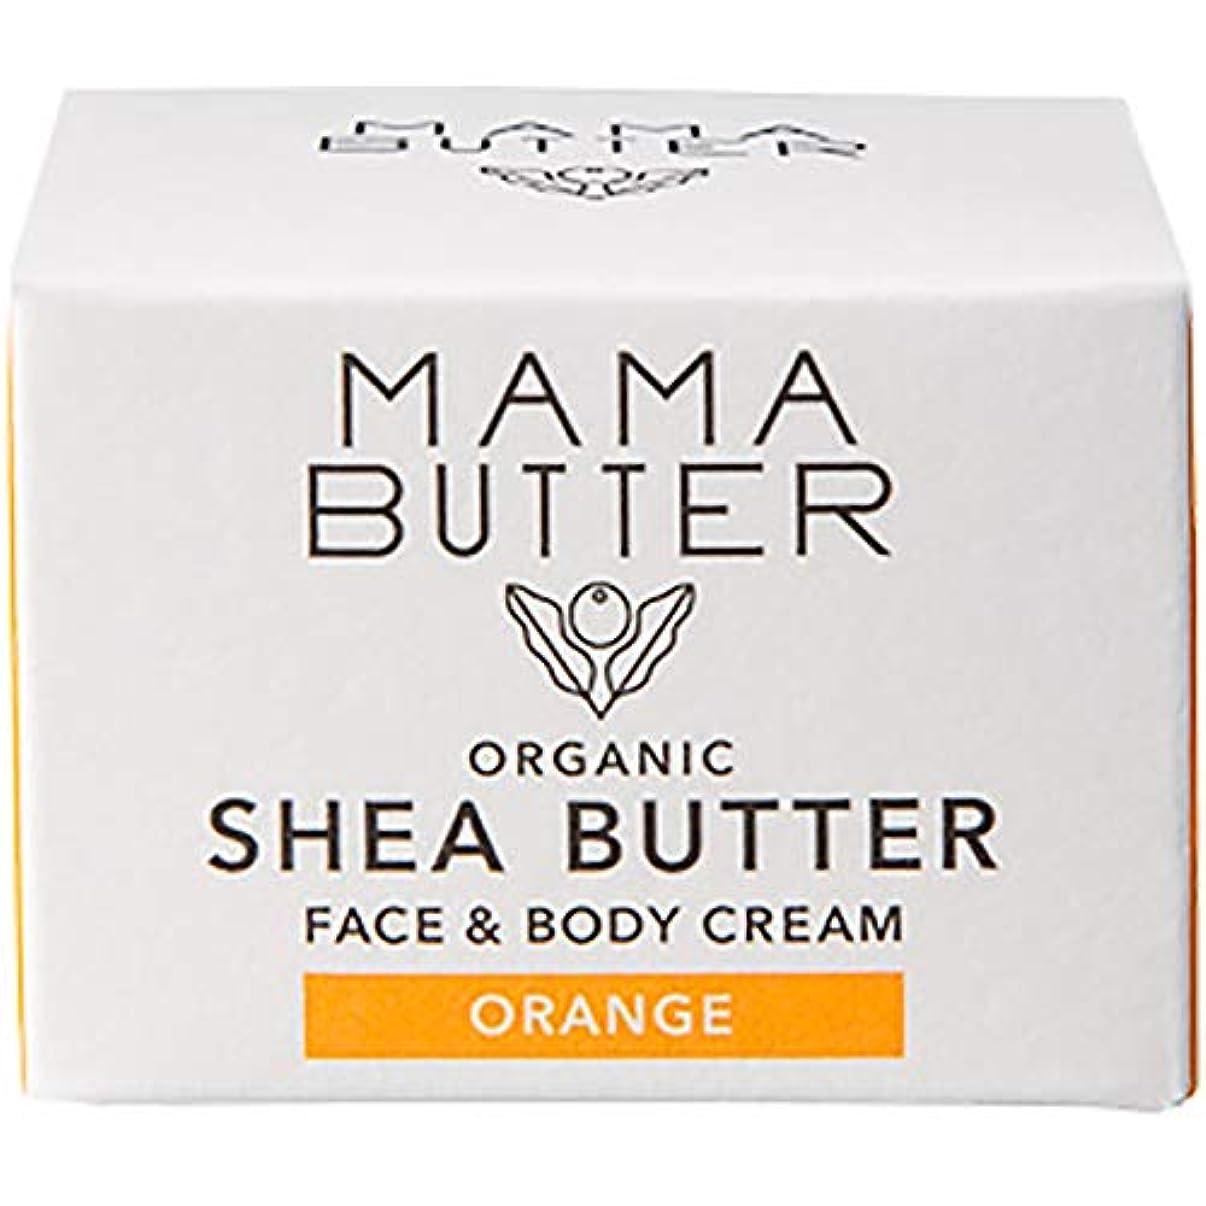 頂点広告残酷なMAMA BUTTER(ママバター) フェイス&ボディクリーム25g オレンジ